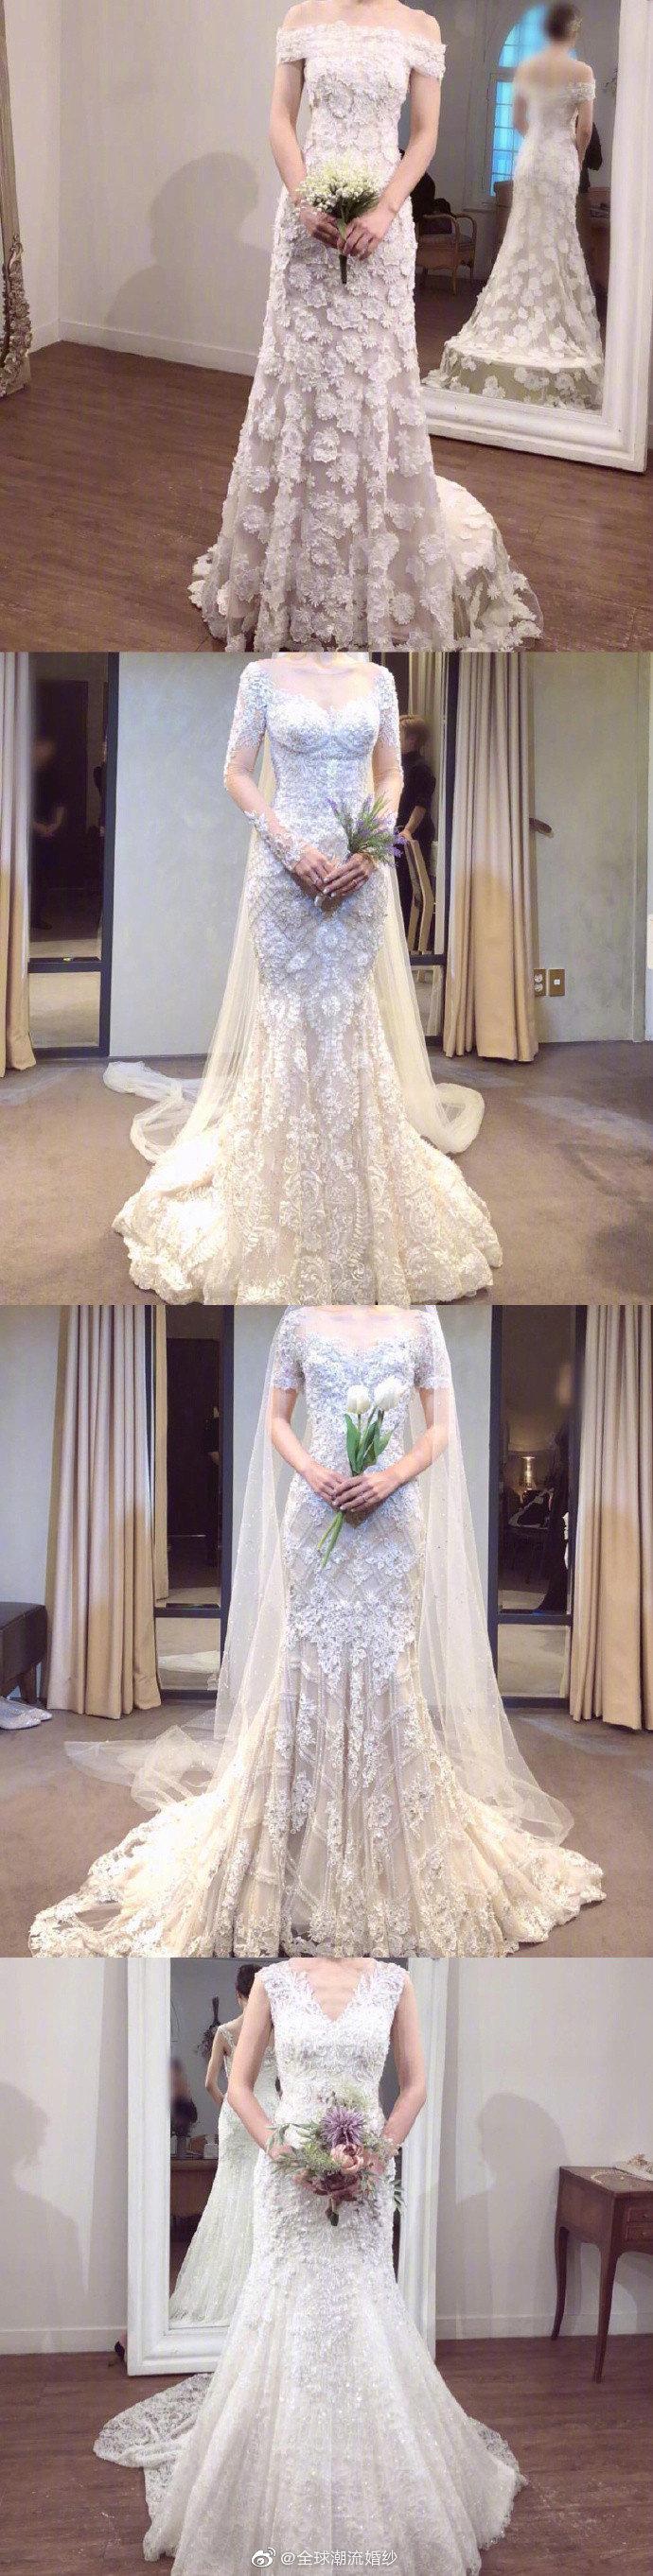 女孩最美的时候!最全婚纱样式给你参考